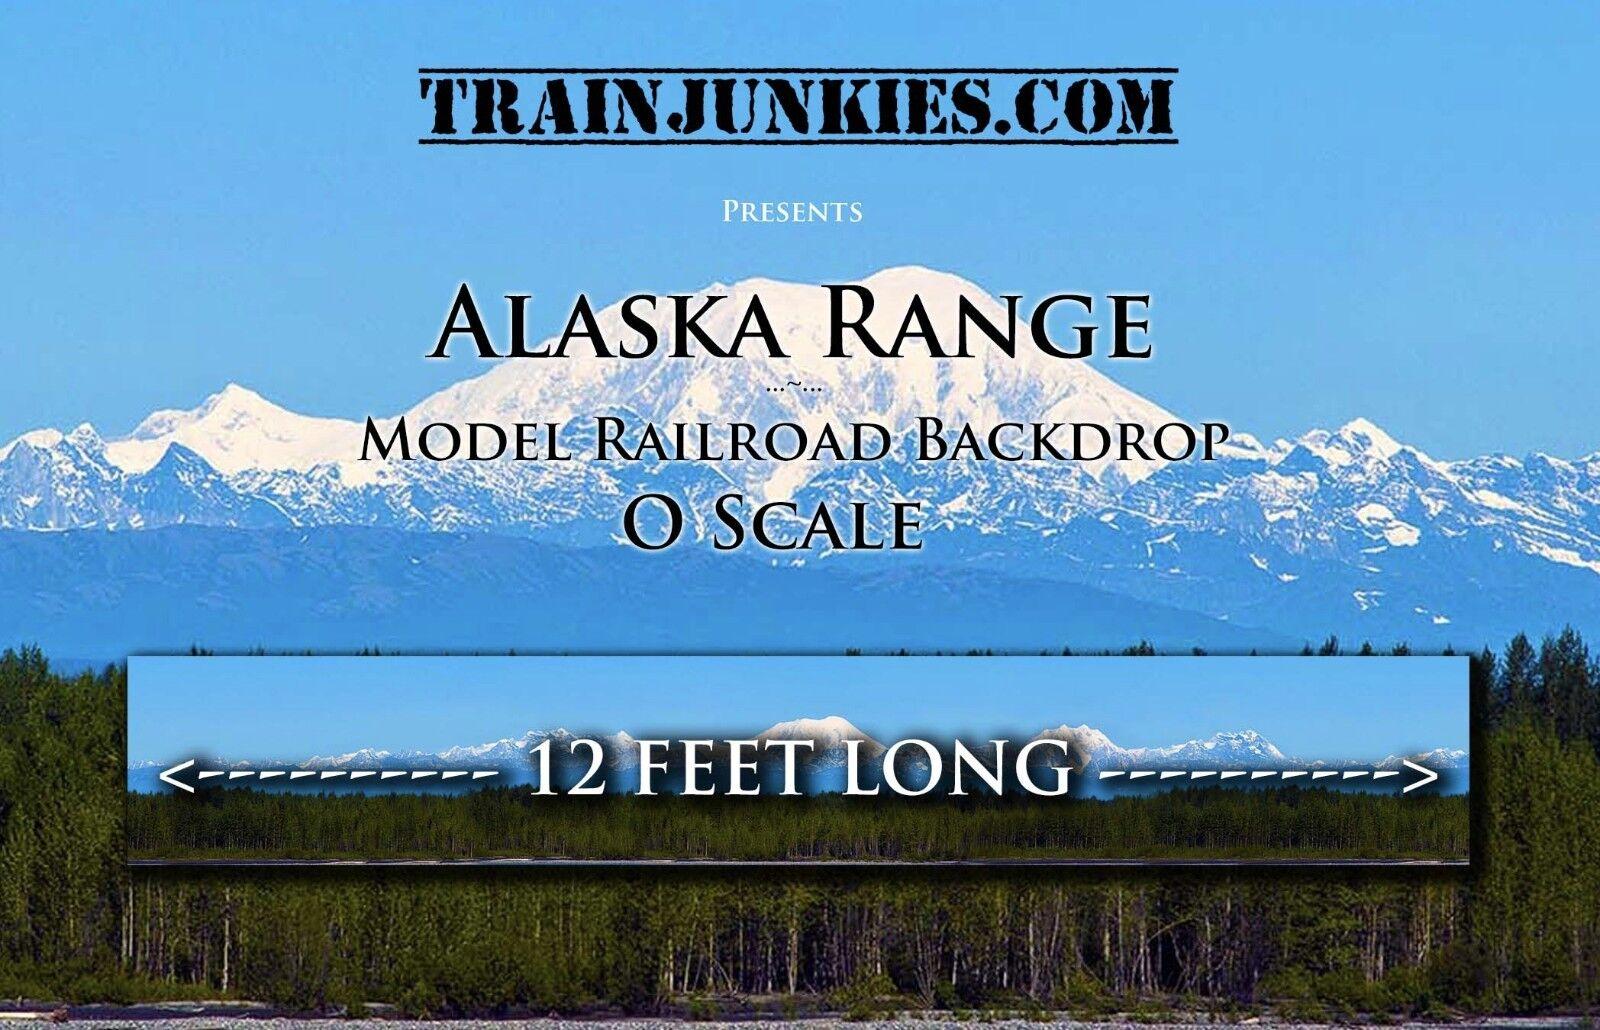 TrainJunkies O Scale Alaska Range modellolo Railstrada Backdrop 24x144